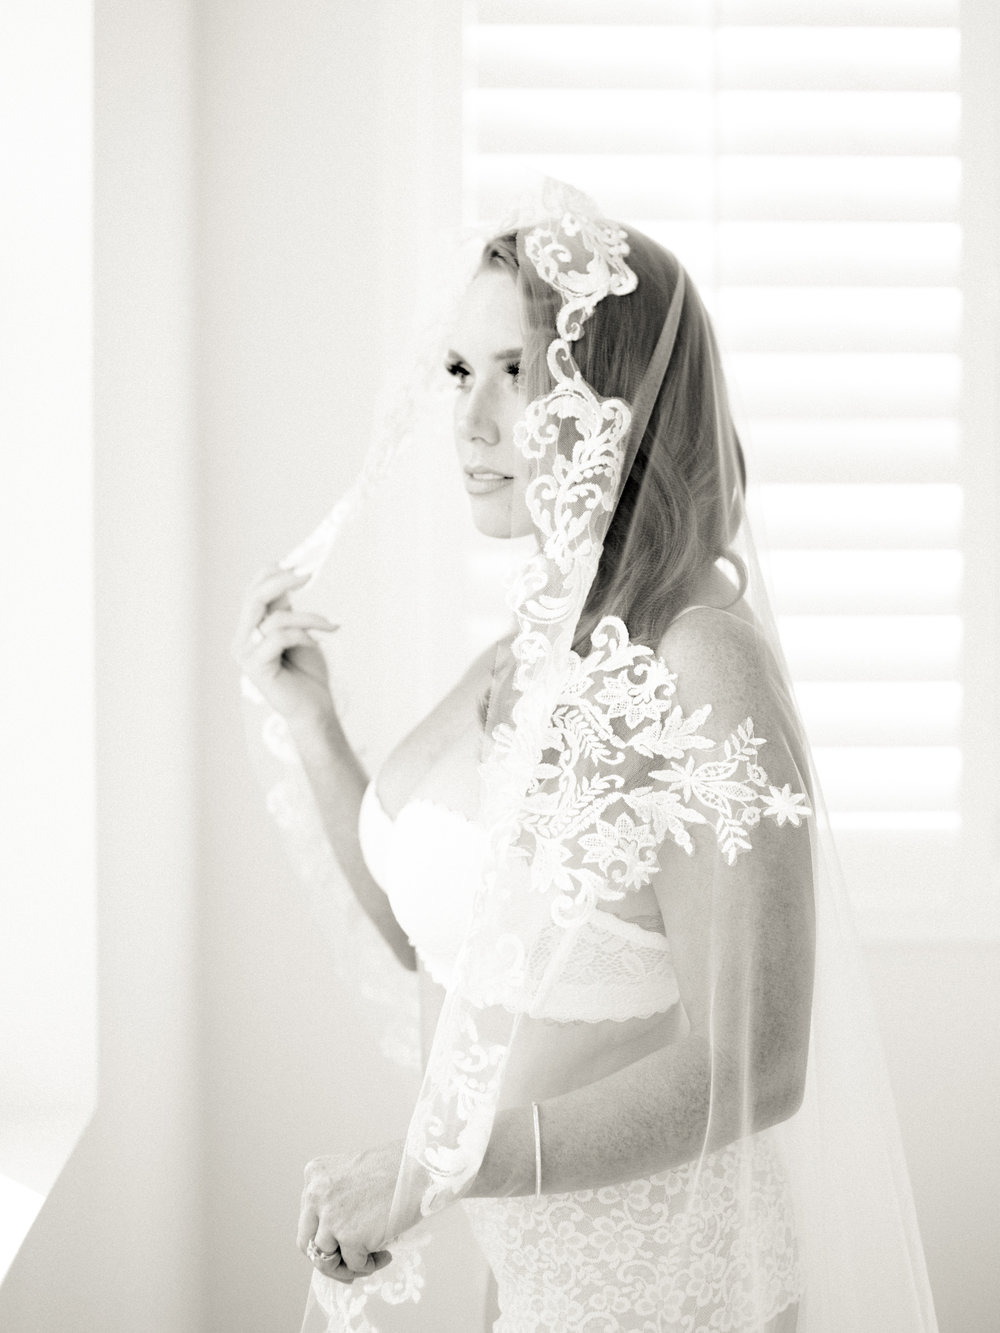 dennisroycoronel_bridal_boudoir_orangecounty_losangeles_photographer-47.jpg